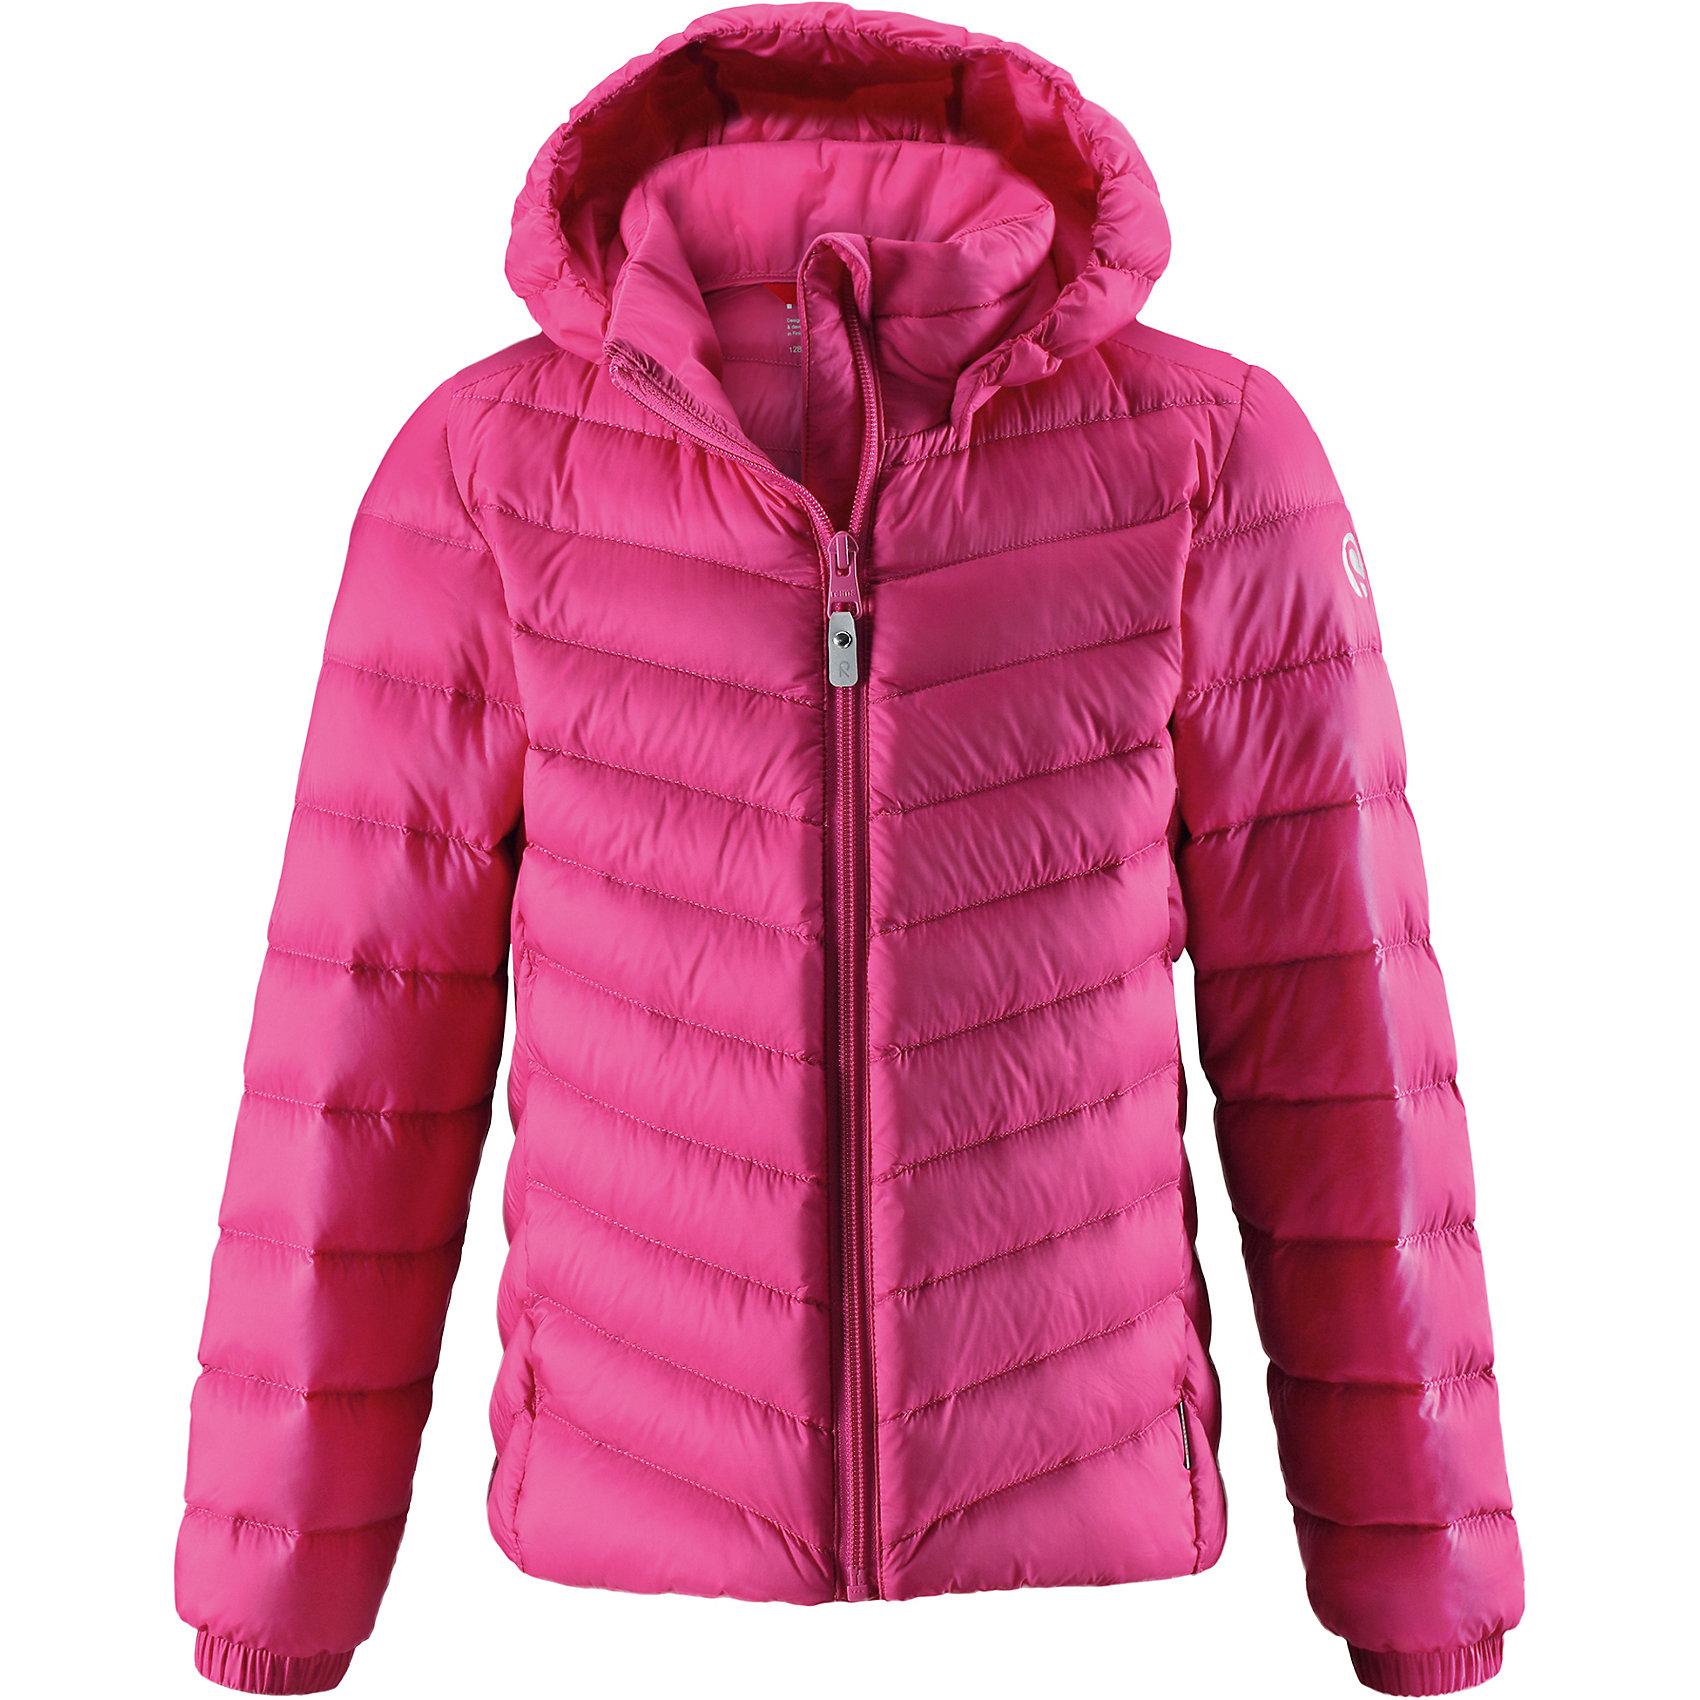 Куртка Fern Reima для девочкиОдежда<br>Куртка-пуховик для подростков сшита из водоотталкивающего, ветронепроницаемого и дышащего материала. Благодаря гладкой подкладке куртка легко надевается, а удобная двусторонняя молния превратит одевание в веселую игру.  Эластичный край подола и поясок на спинке придают этой стильной удлиненной куртке красивый силуэт. Куртка снабжена безопасным съемным капюшоном со стильной съемной отделкой из искусственного меха. Обратите внимание на удобную петельку, спрятанную в кармане с клапаном – к ней можно прикрепить любимый светоотражатель ребенка для обеспечения лучшей видимости. В комплекте с курткой идет отдельная сумка для ее хранения. Роскошная, модная, легкая и теплая куртка станет отличным вариантом и для игр во дворе, и для прогулок по городу.<br>Состав:<br>100% Полиамид<br><br>Ширина мм: 356<br>Глубина мм: 10<br>Высота мм: 245<br>Вес г: 519<br>Цвет: розовый<br>Возраст от месяцев: 156<br>Возраст до месяцев: 168<br>Пол: Женский<br>Возраст: Детский<br>Размер: 164,104,110,116,122,128,134,140,146,152,158<br>SKU: 6902932